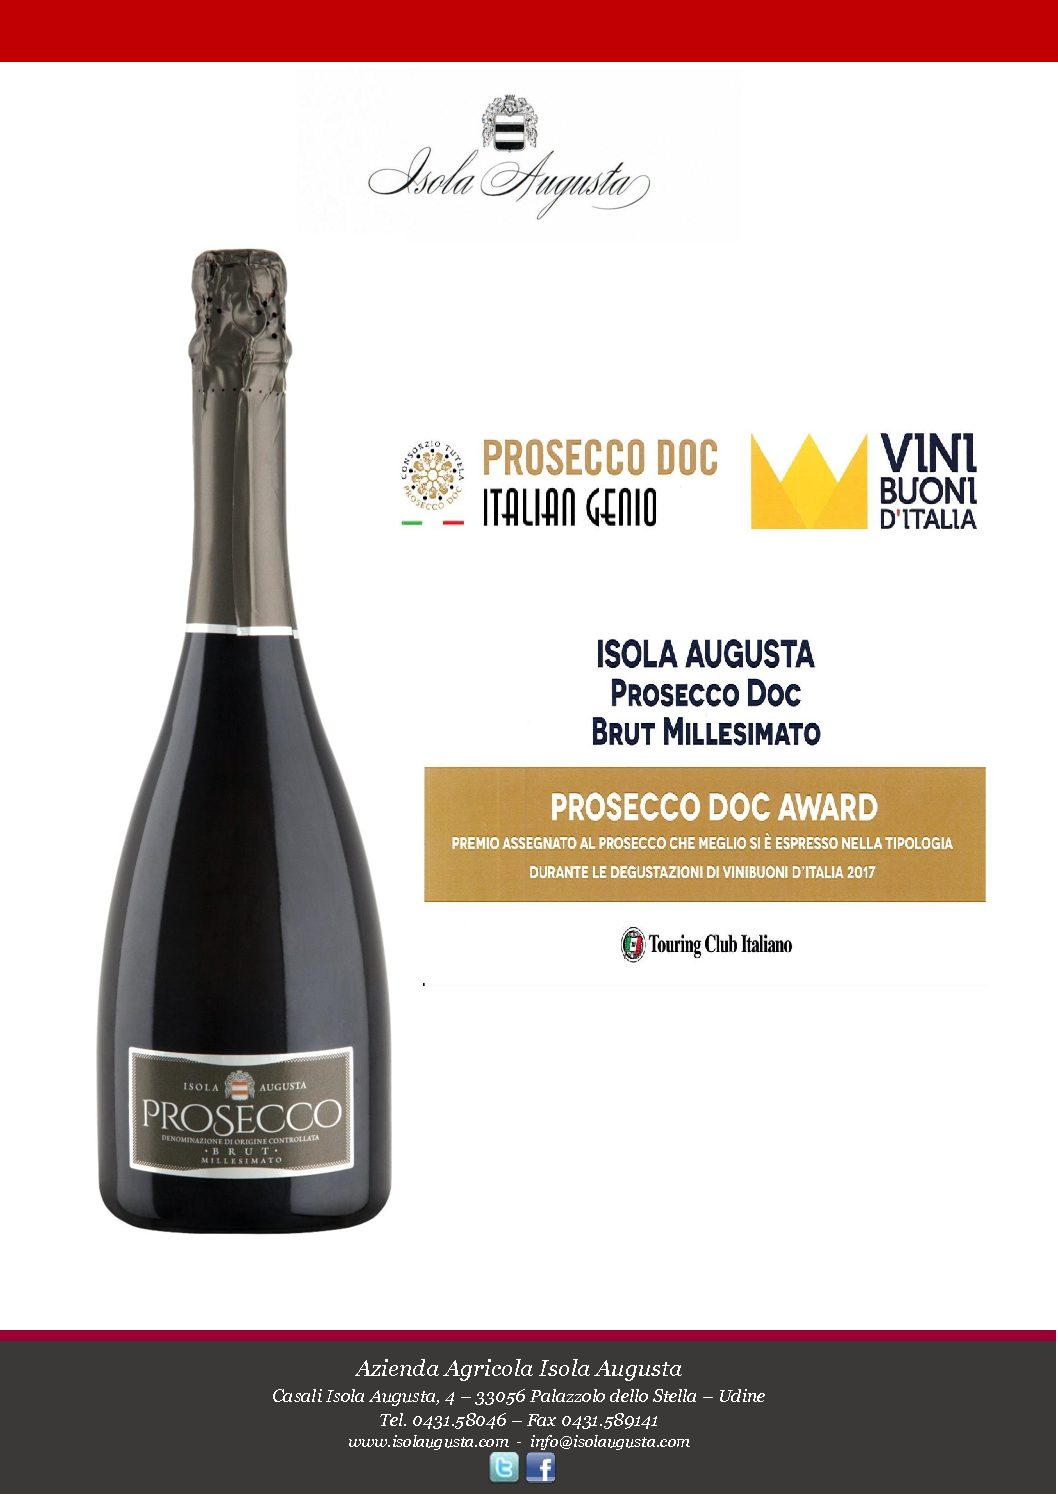 Prosecco Doc Award 2017